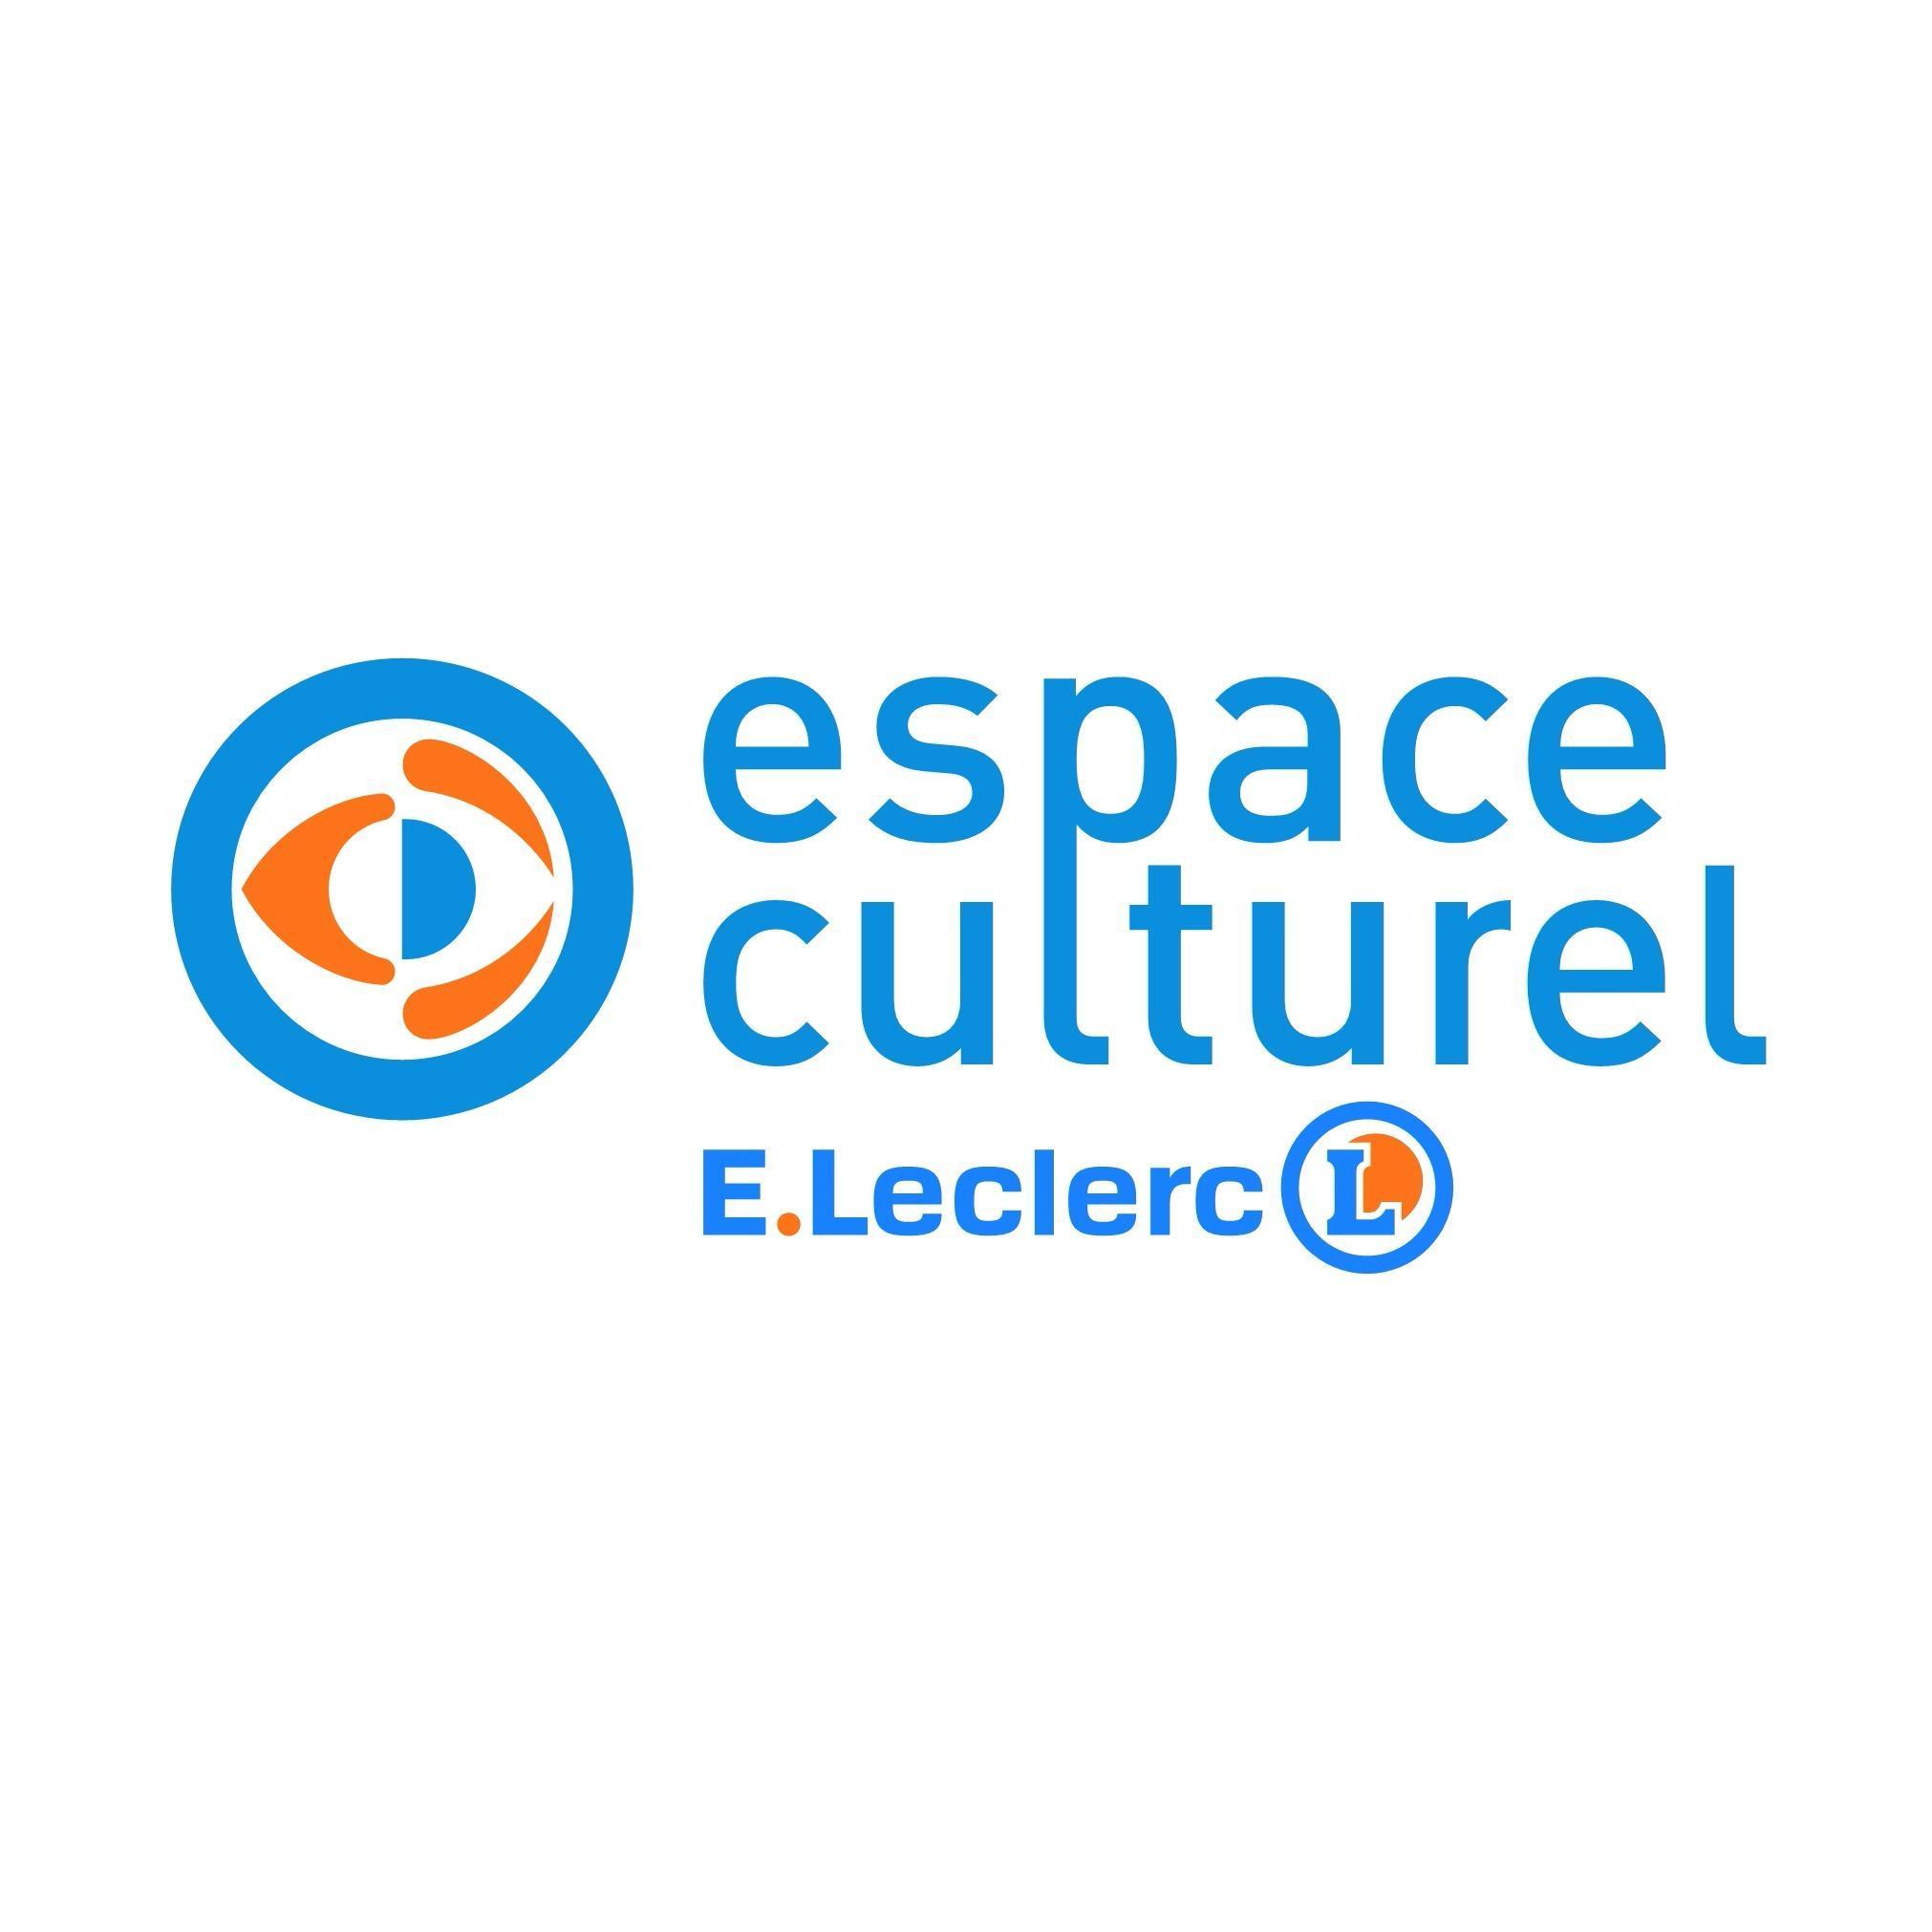 E.leclerc Espace Culturel Bourg Lès Valence